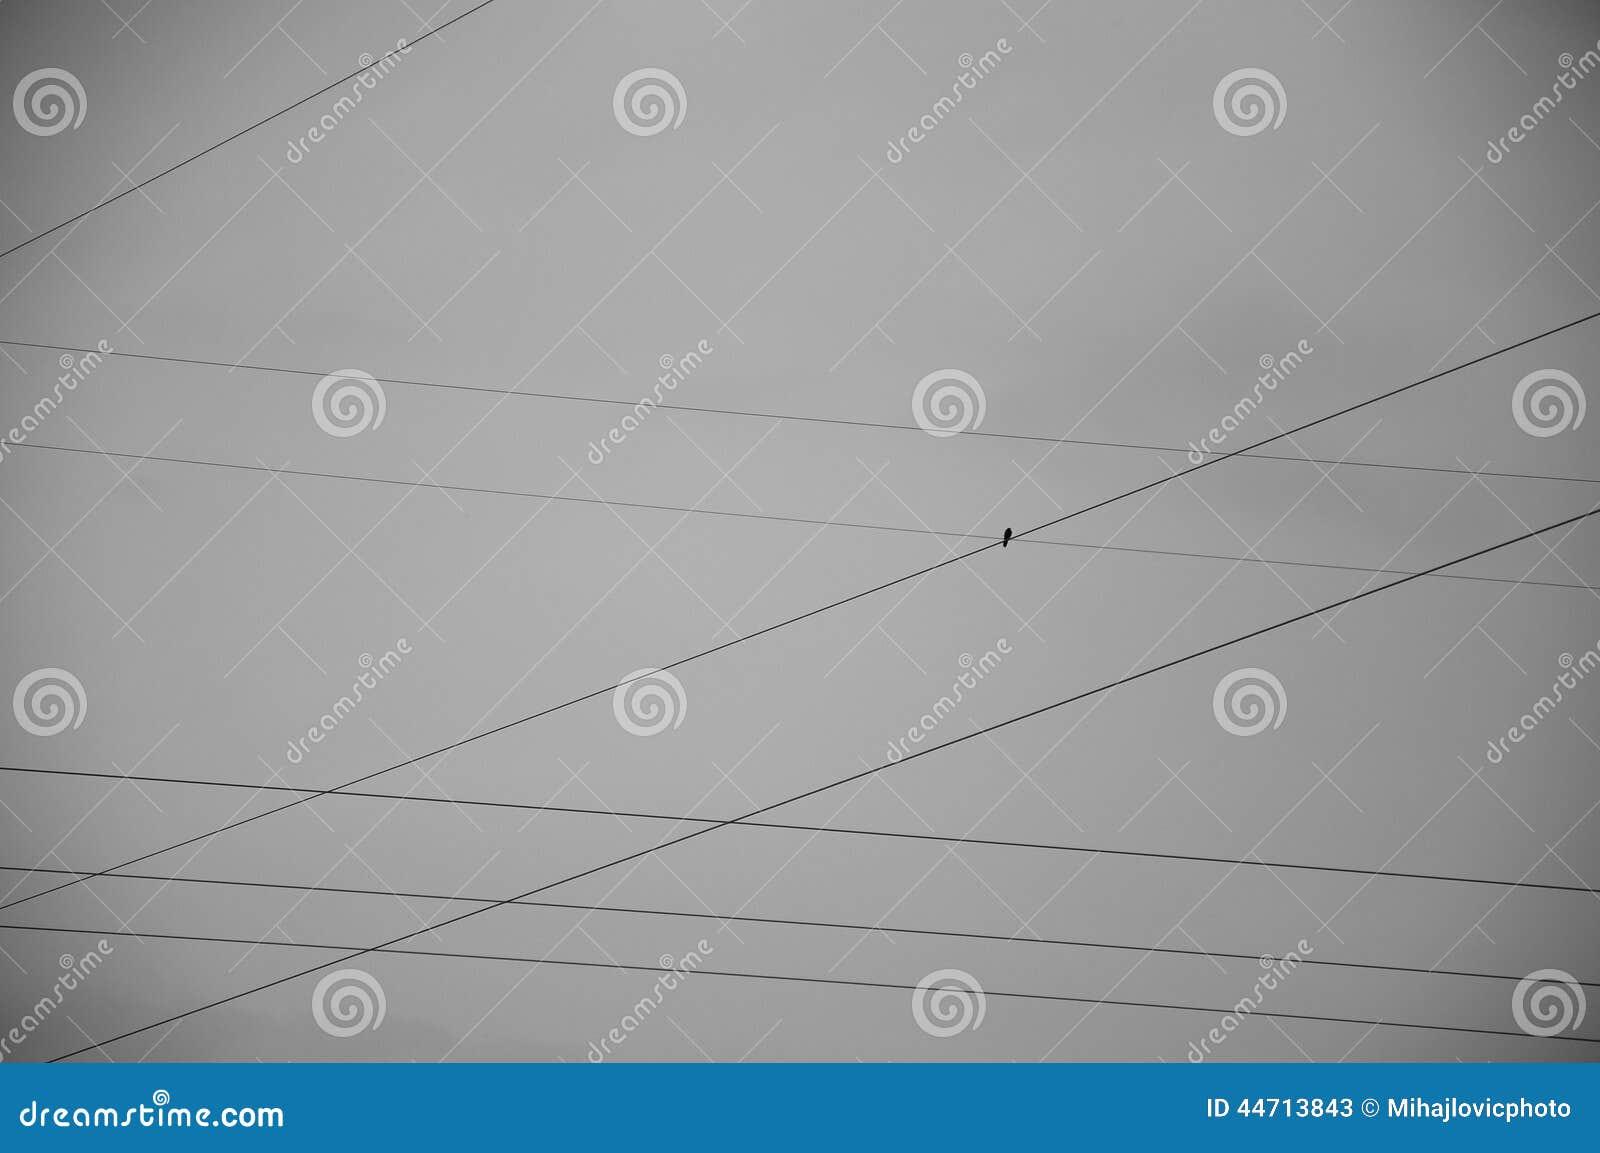 Industrie gegen Natur stockbild. Bild von vogel, sommer - 44713843